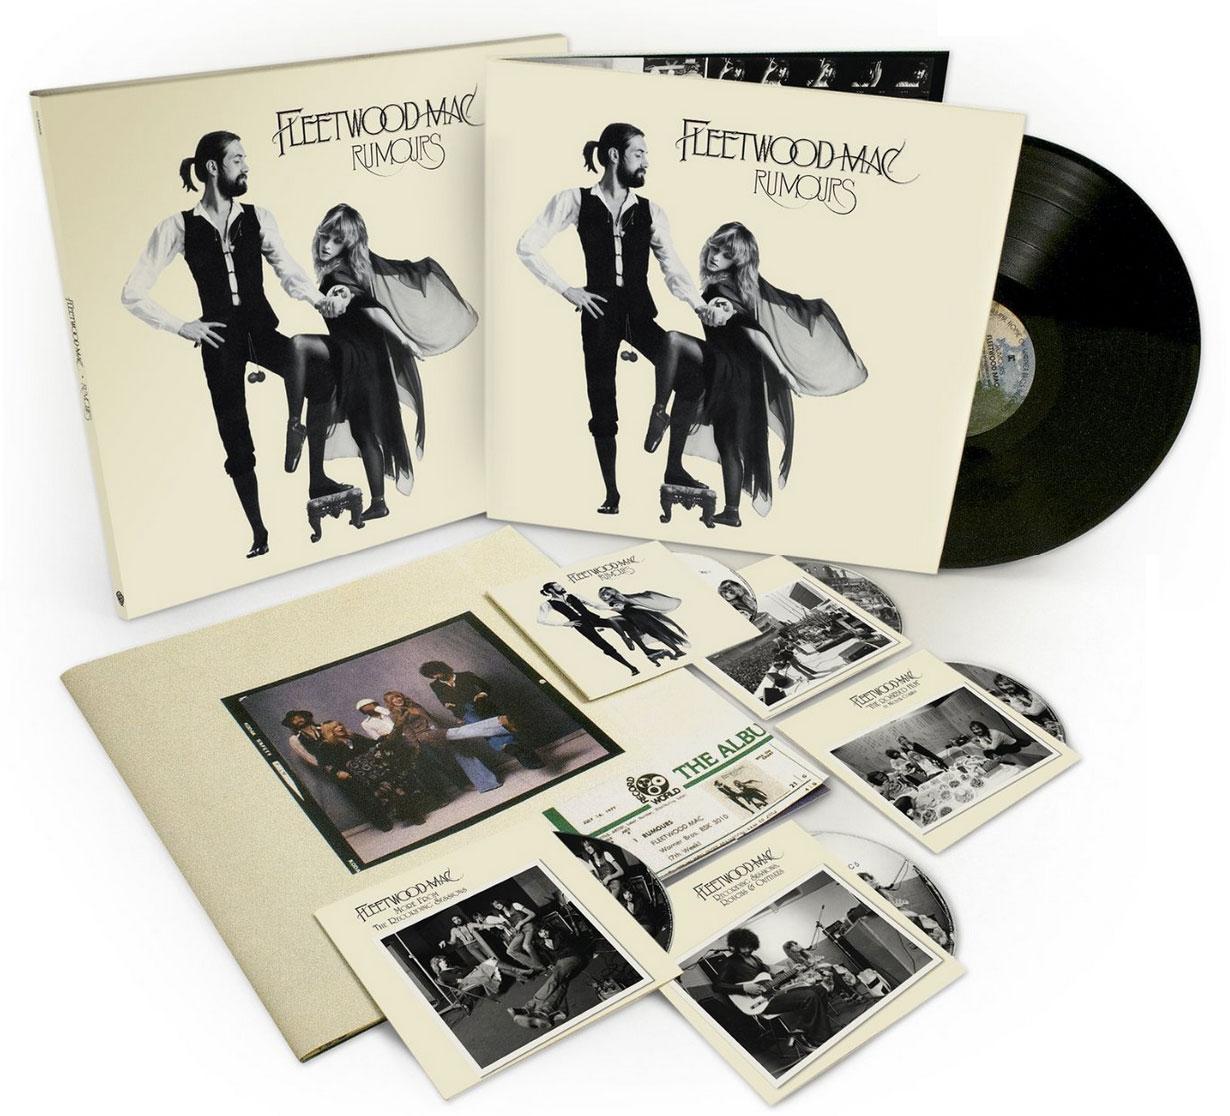 Fleetwood Mac / Rumours 6-disc deluxe box set